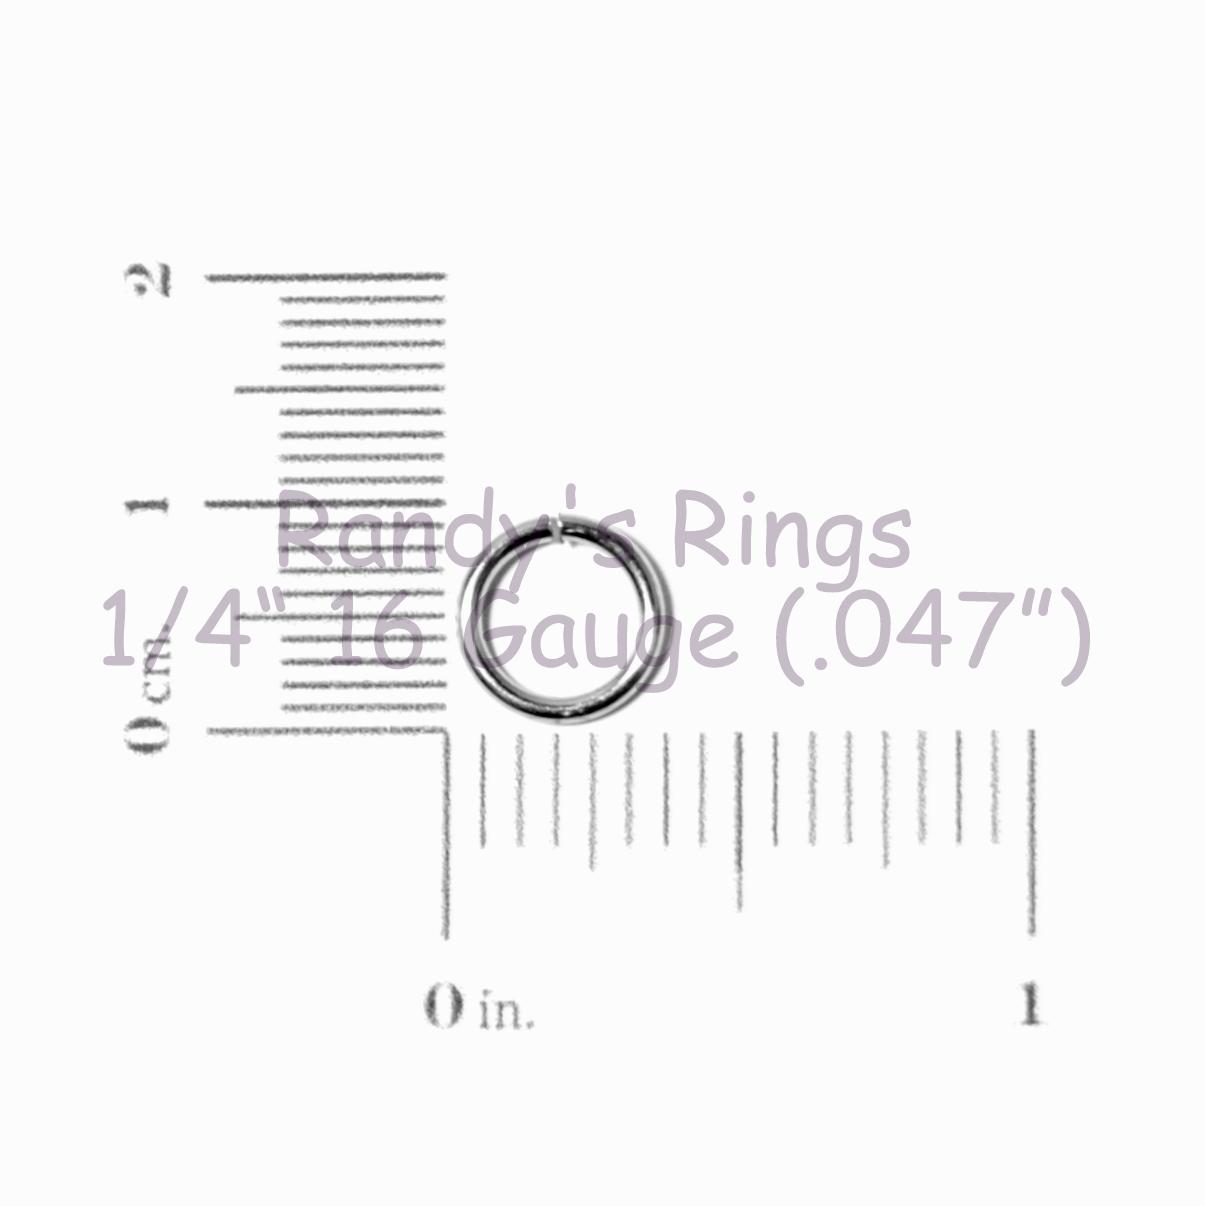 Randy S Rings Gt 1 4 16 Gauge 047 Jump Rings Sample